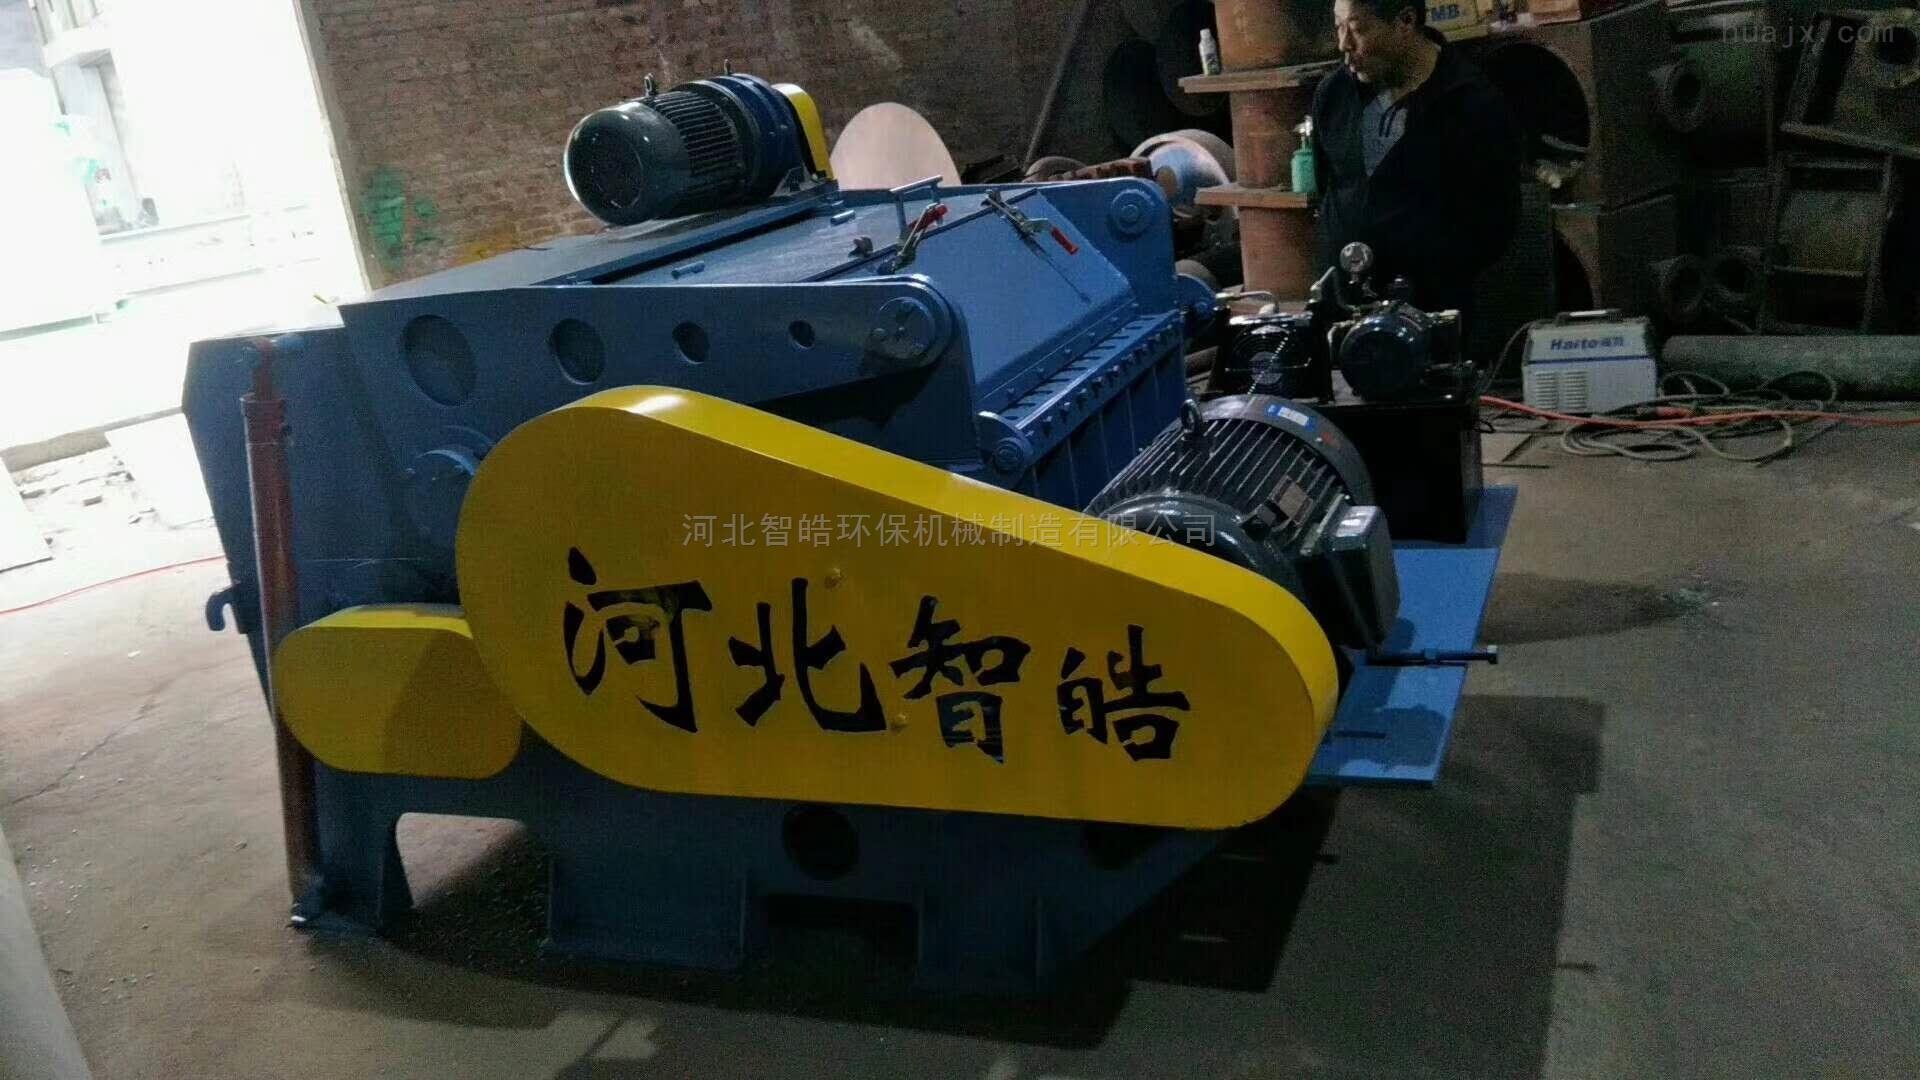 整根塑钢带铁粉碎机解决废料市场拆铁的烦恼